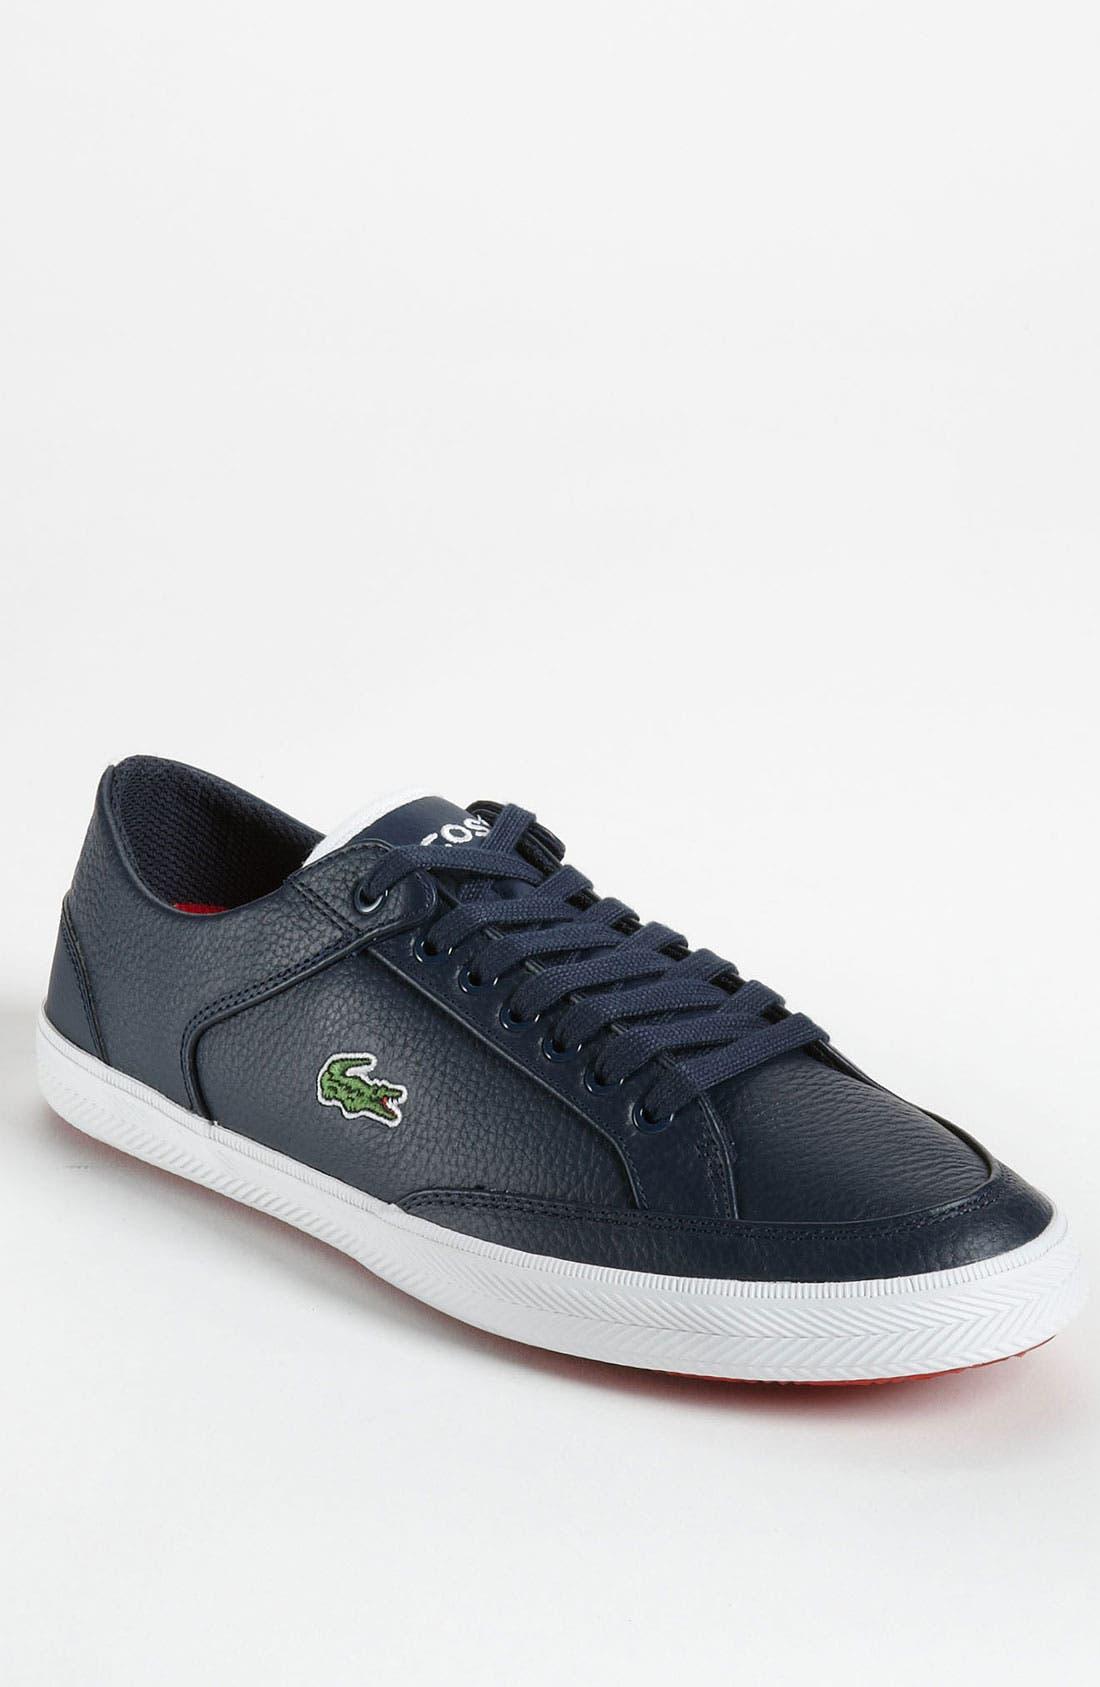 Main Image - Lacoste 'Haneda CIW' Sneaker (Online Exclusive)